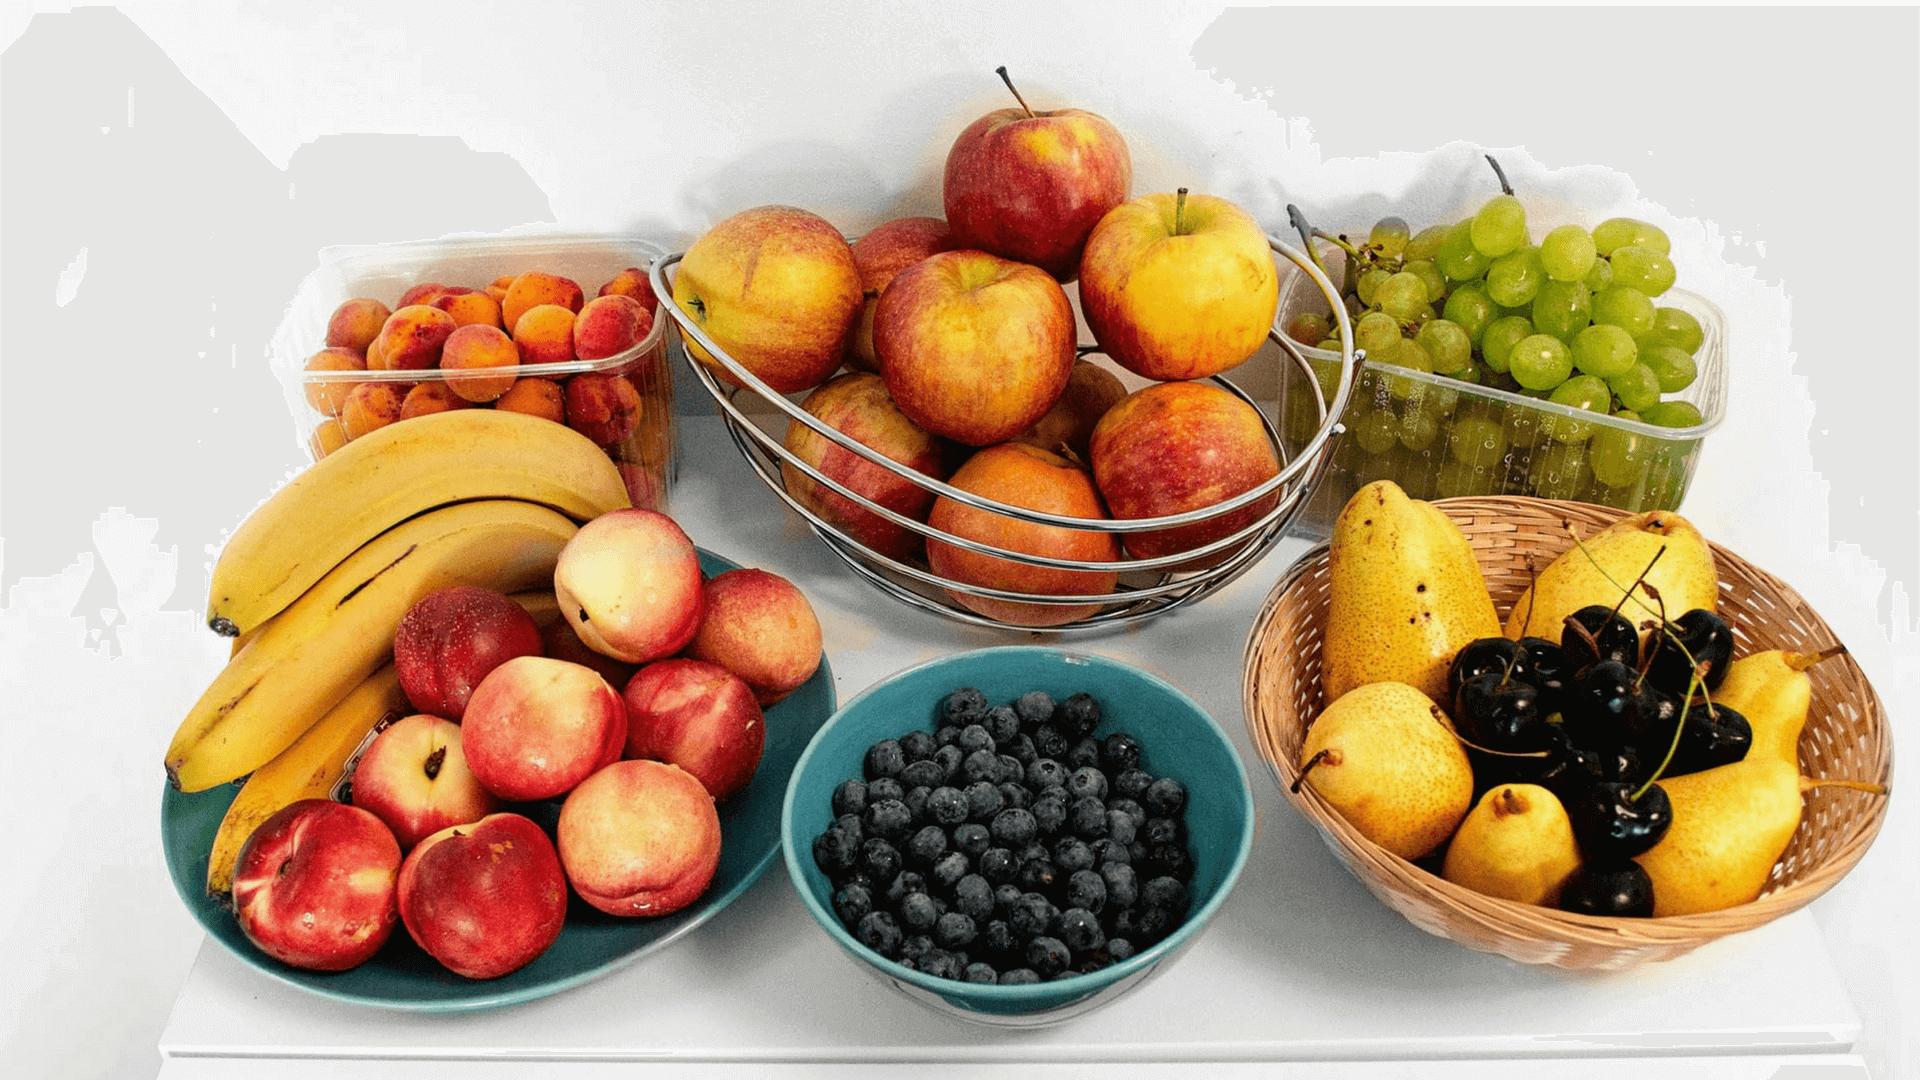 Gesundheitsförderung bei Tractive und Obst als Stärkung zwischendurch